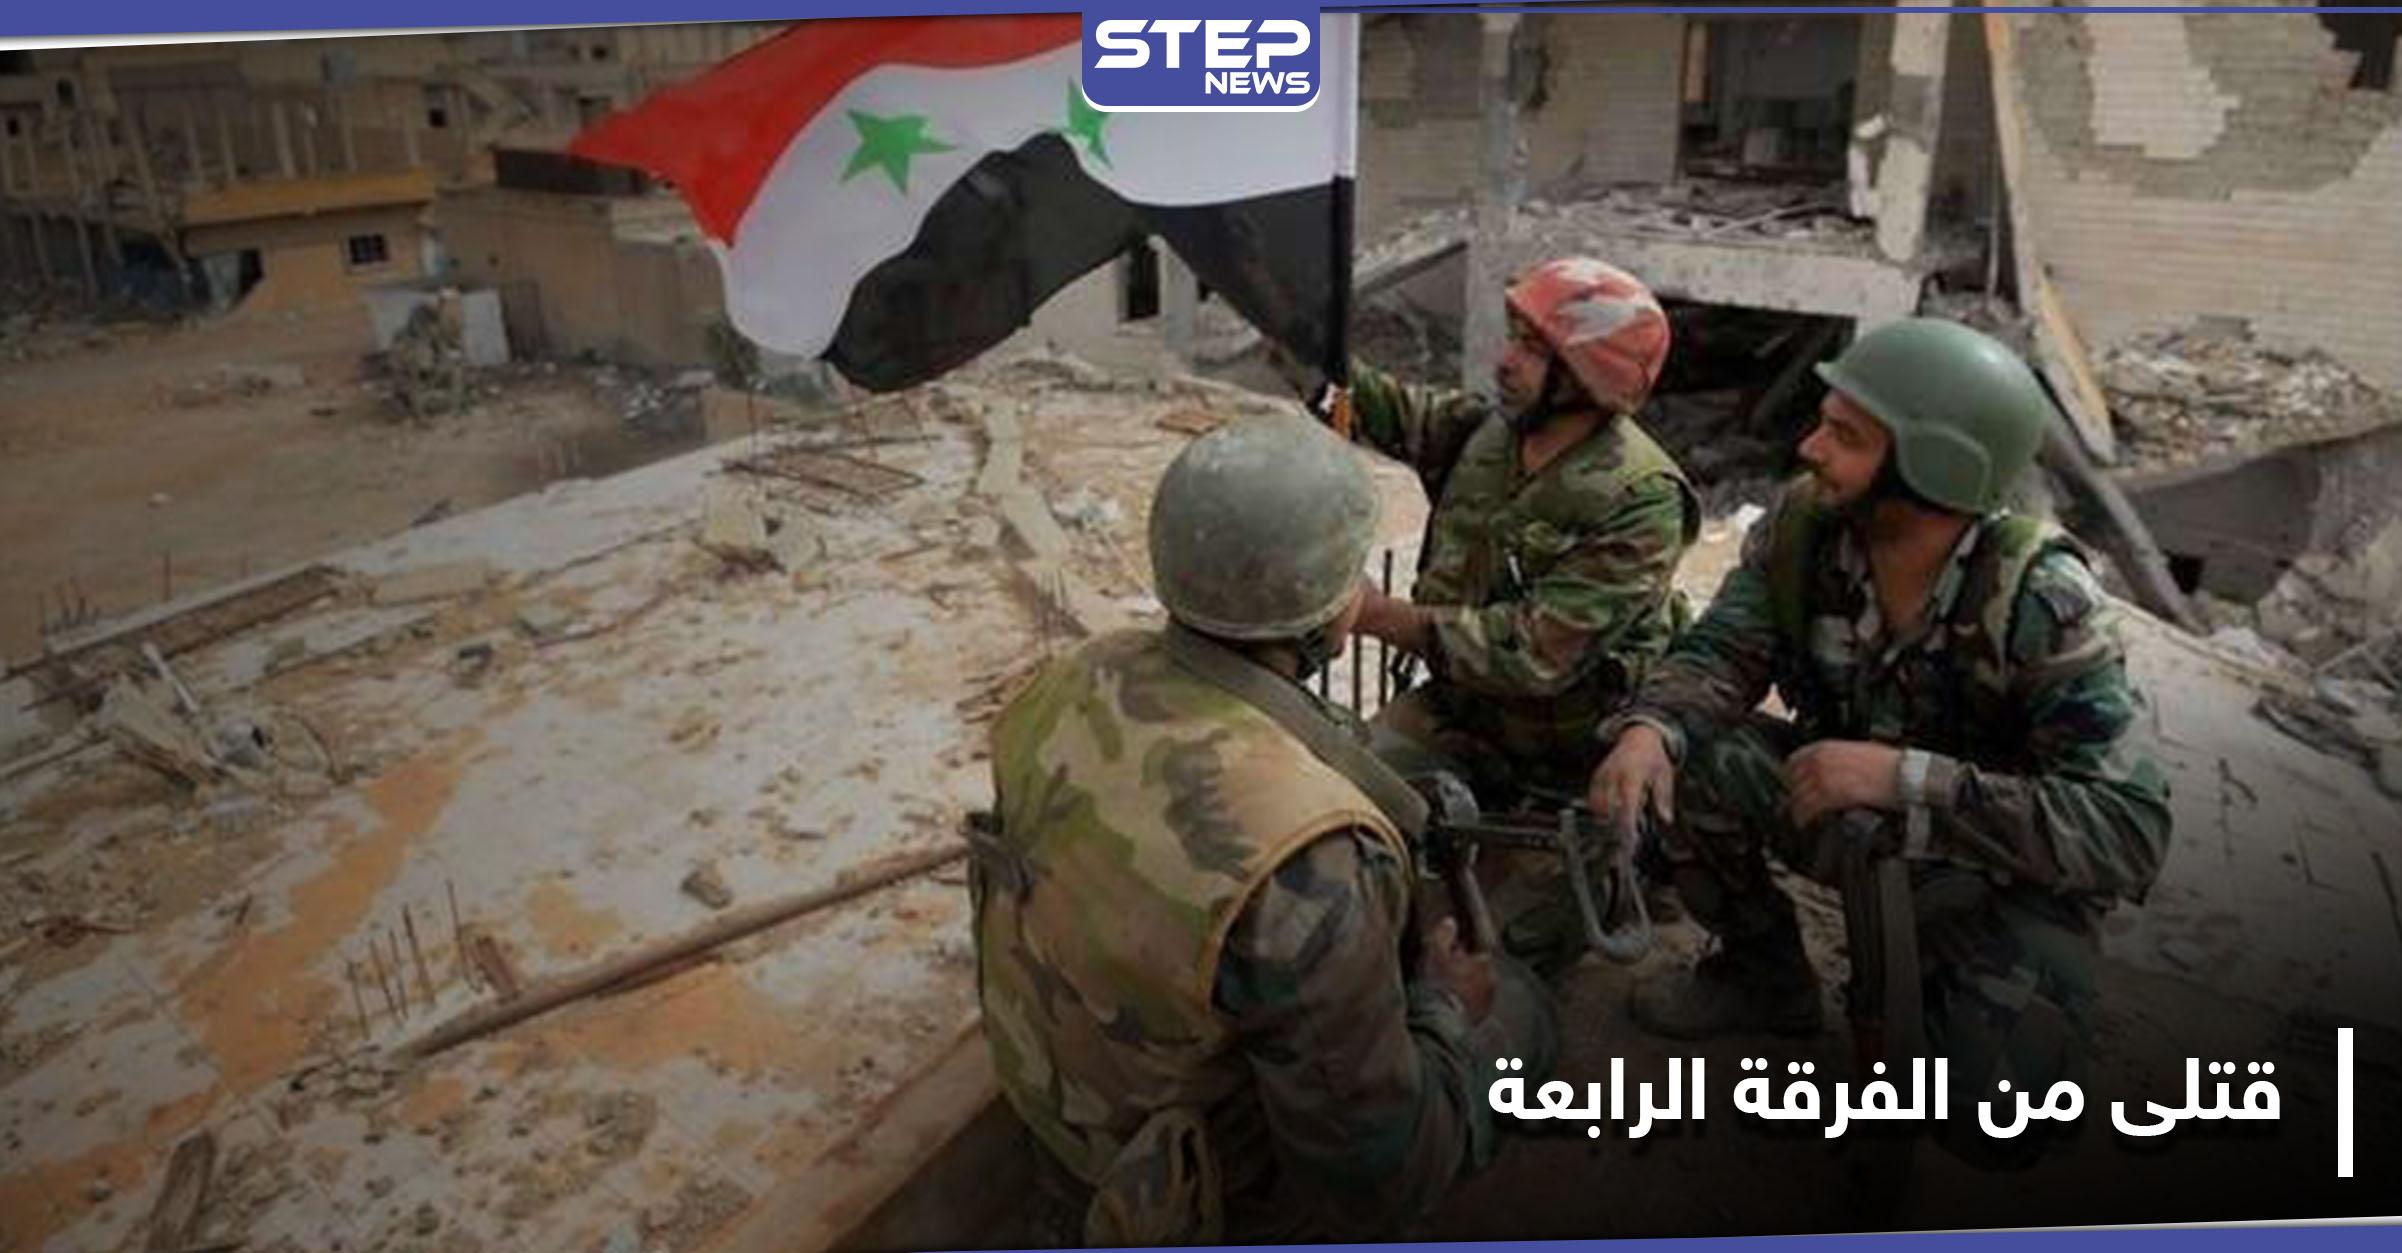 قتلى وتعزيزات من الفرقة الرابعة على جبهتين في سوريا